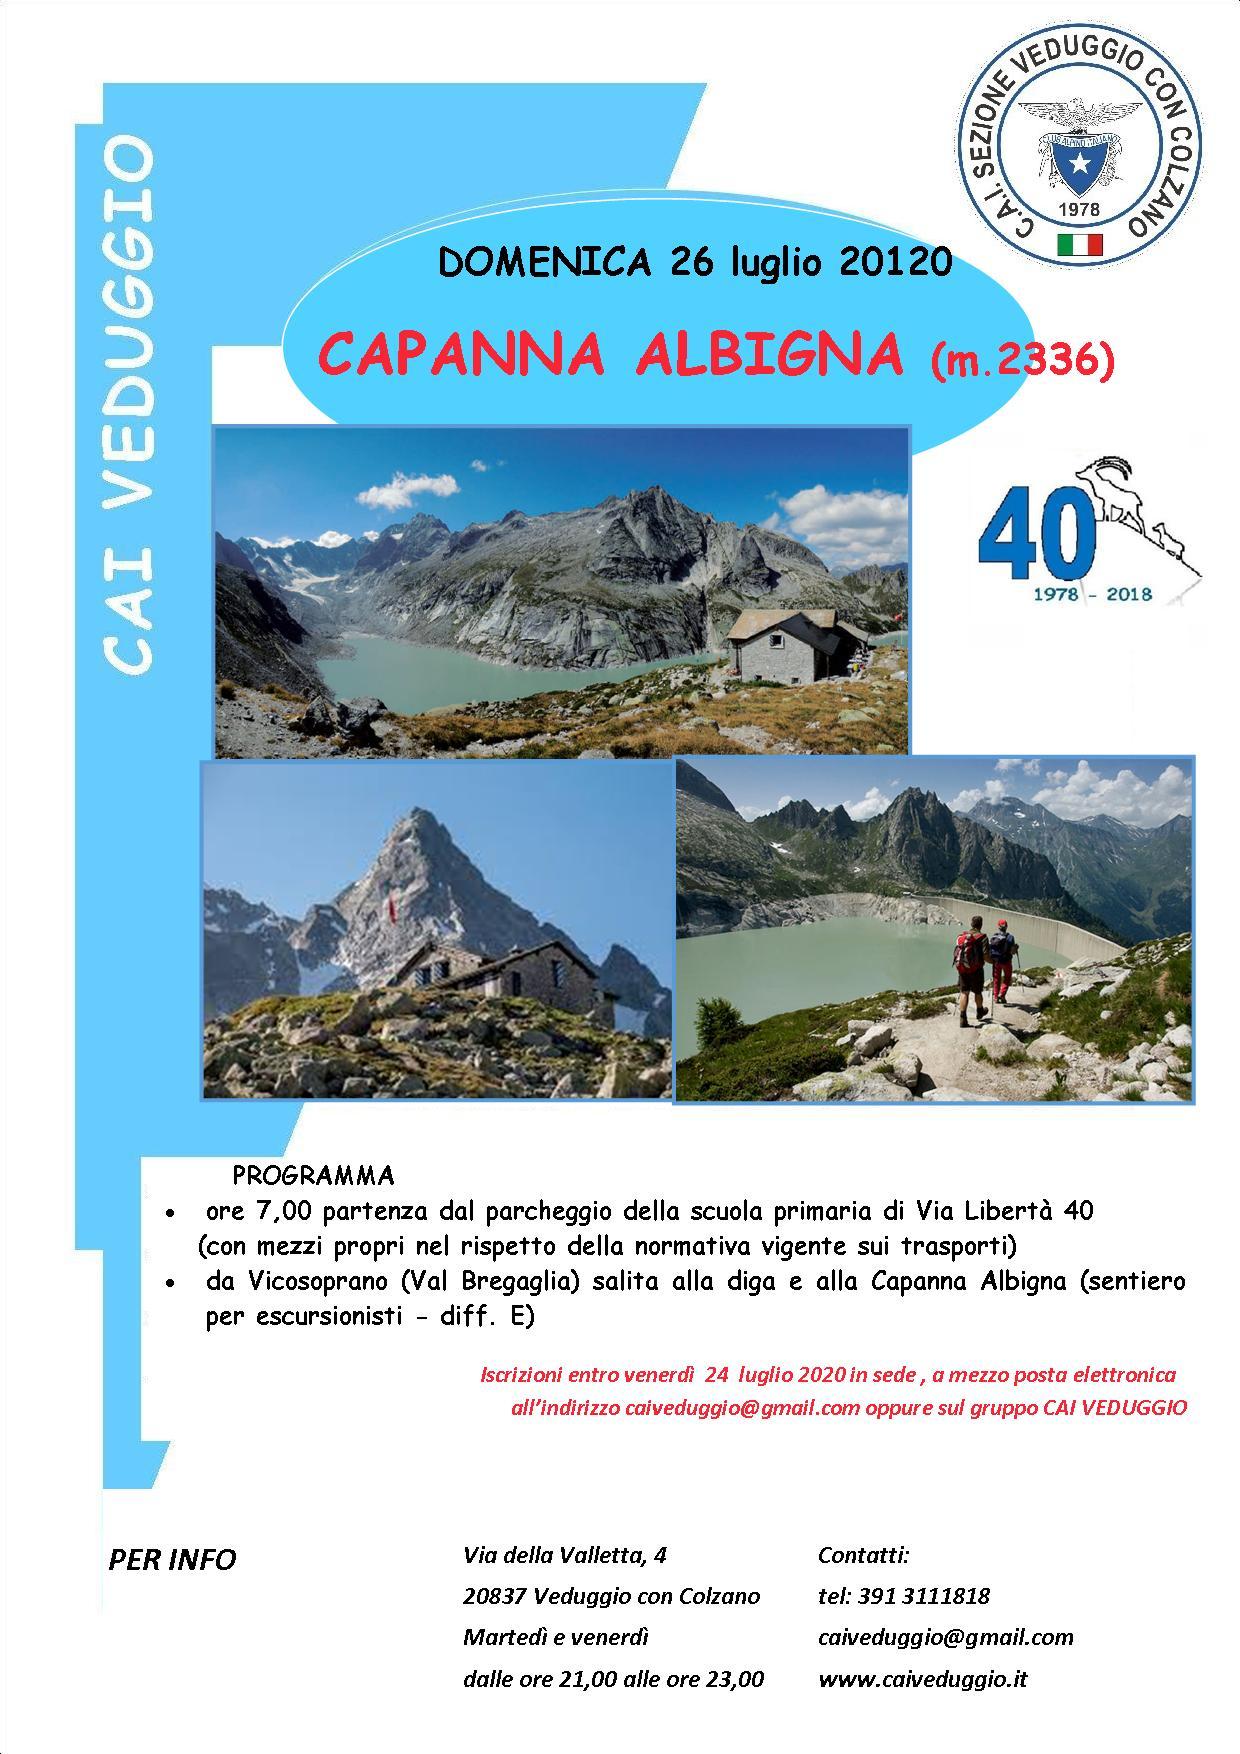 Domenica 26 luglio 2020 – Capanna Albigna